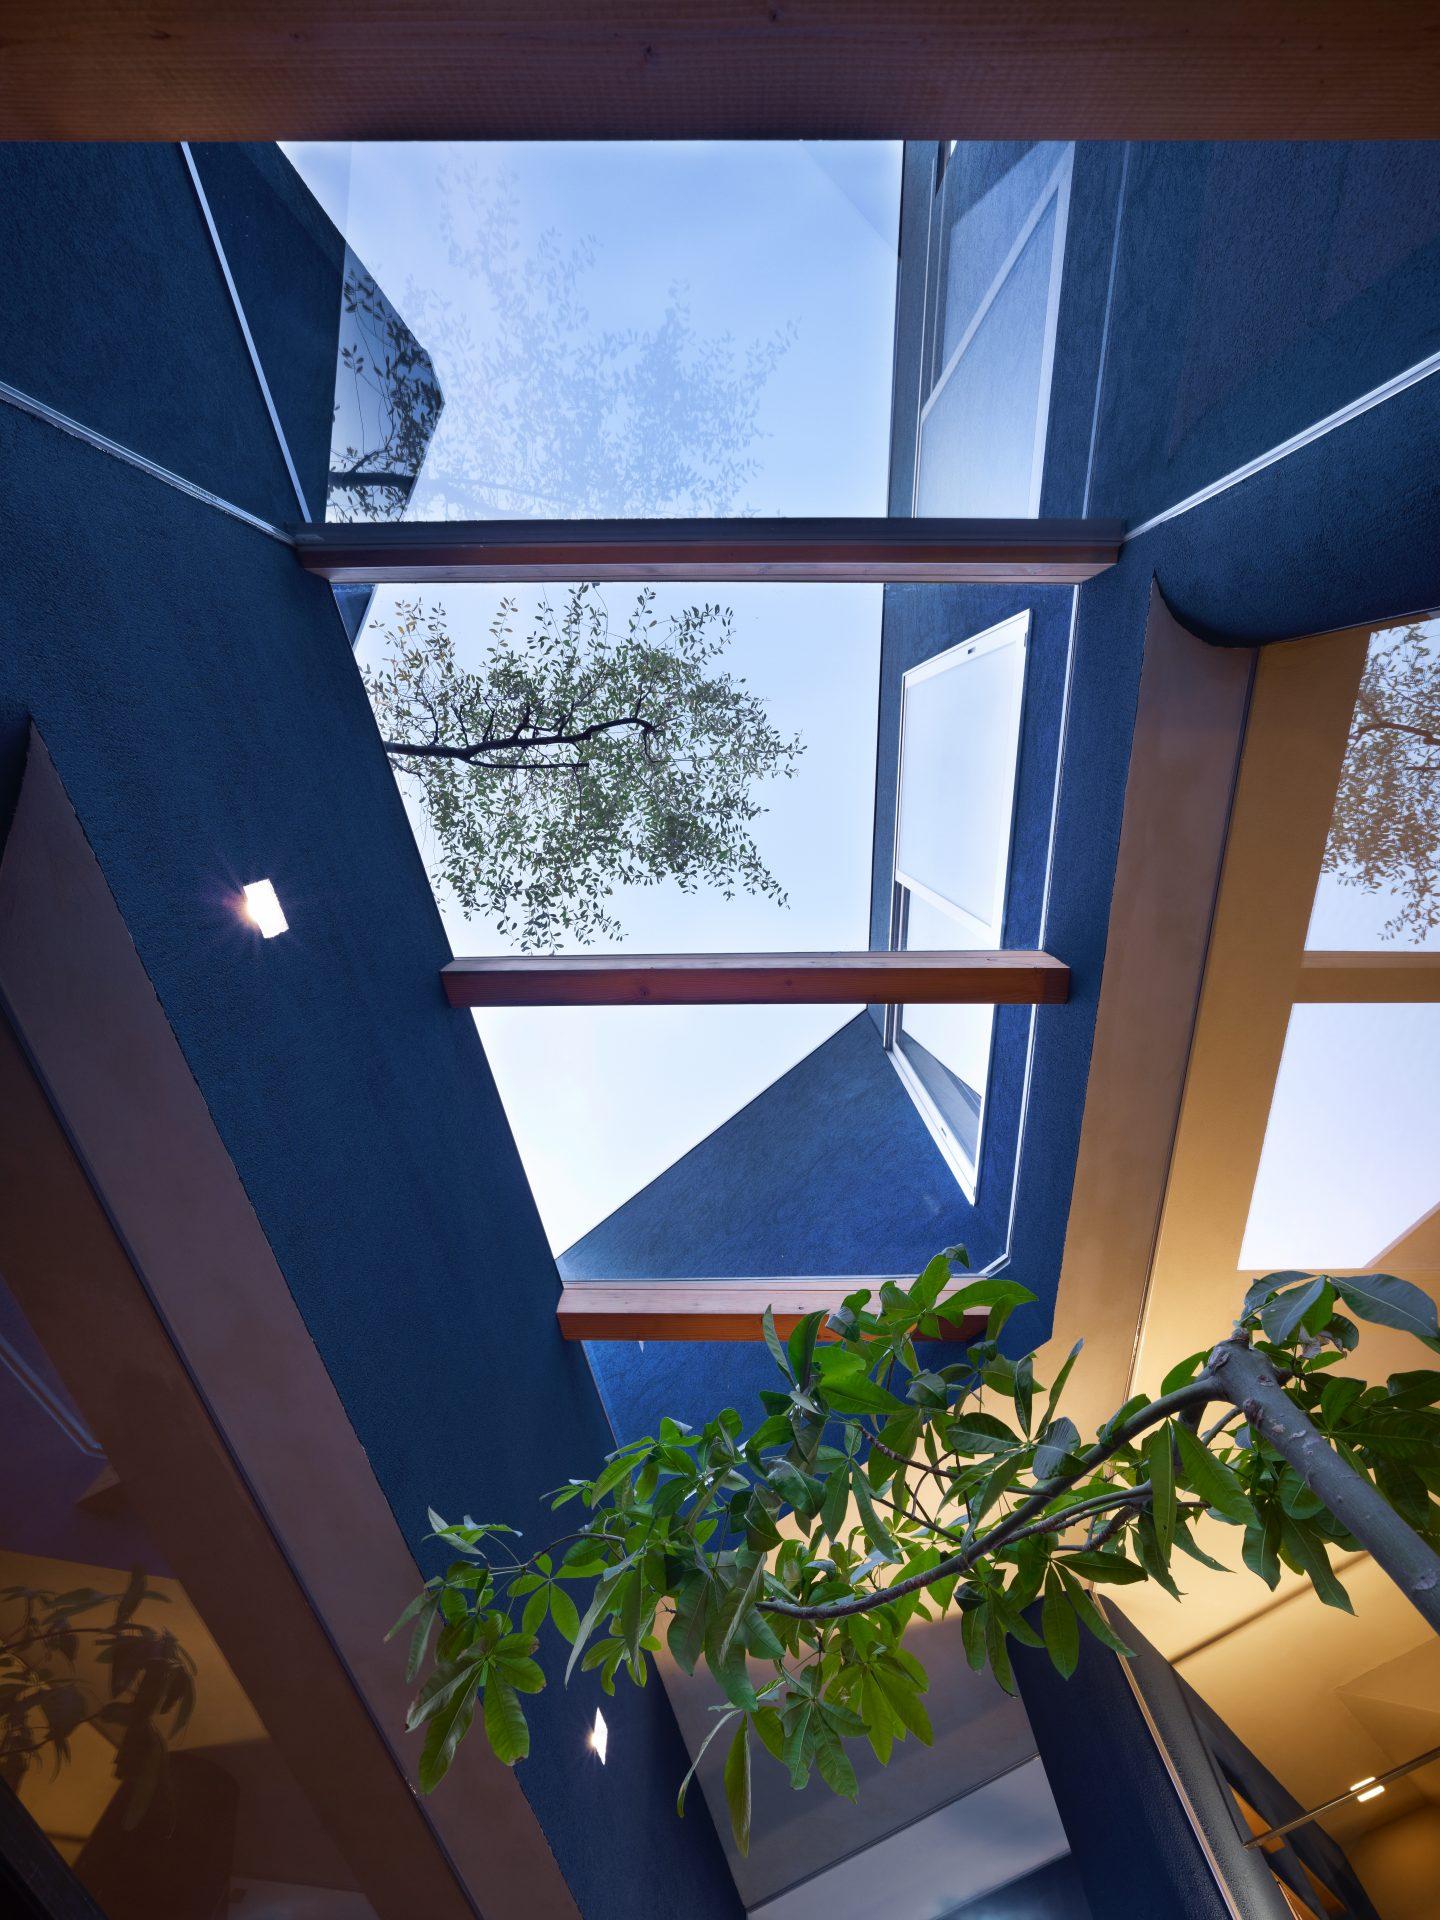 大阪上野芝の家の天窓